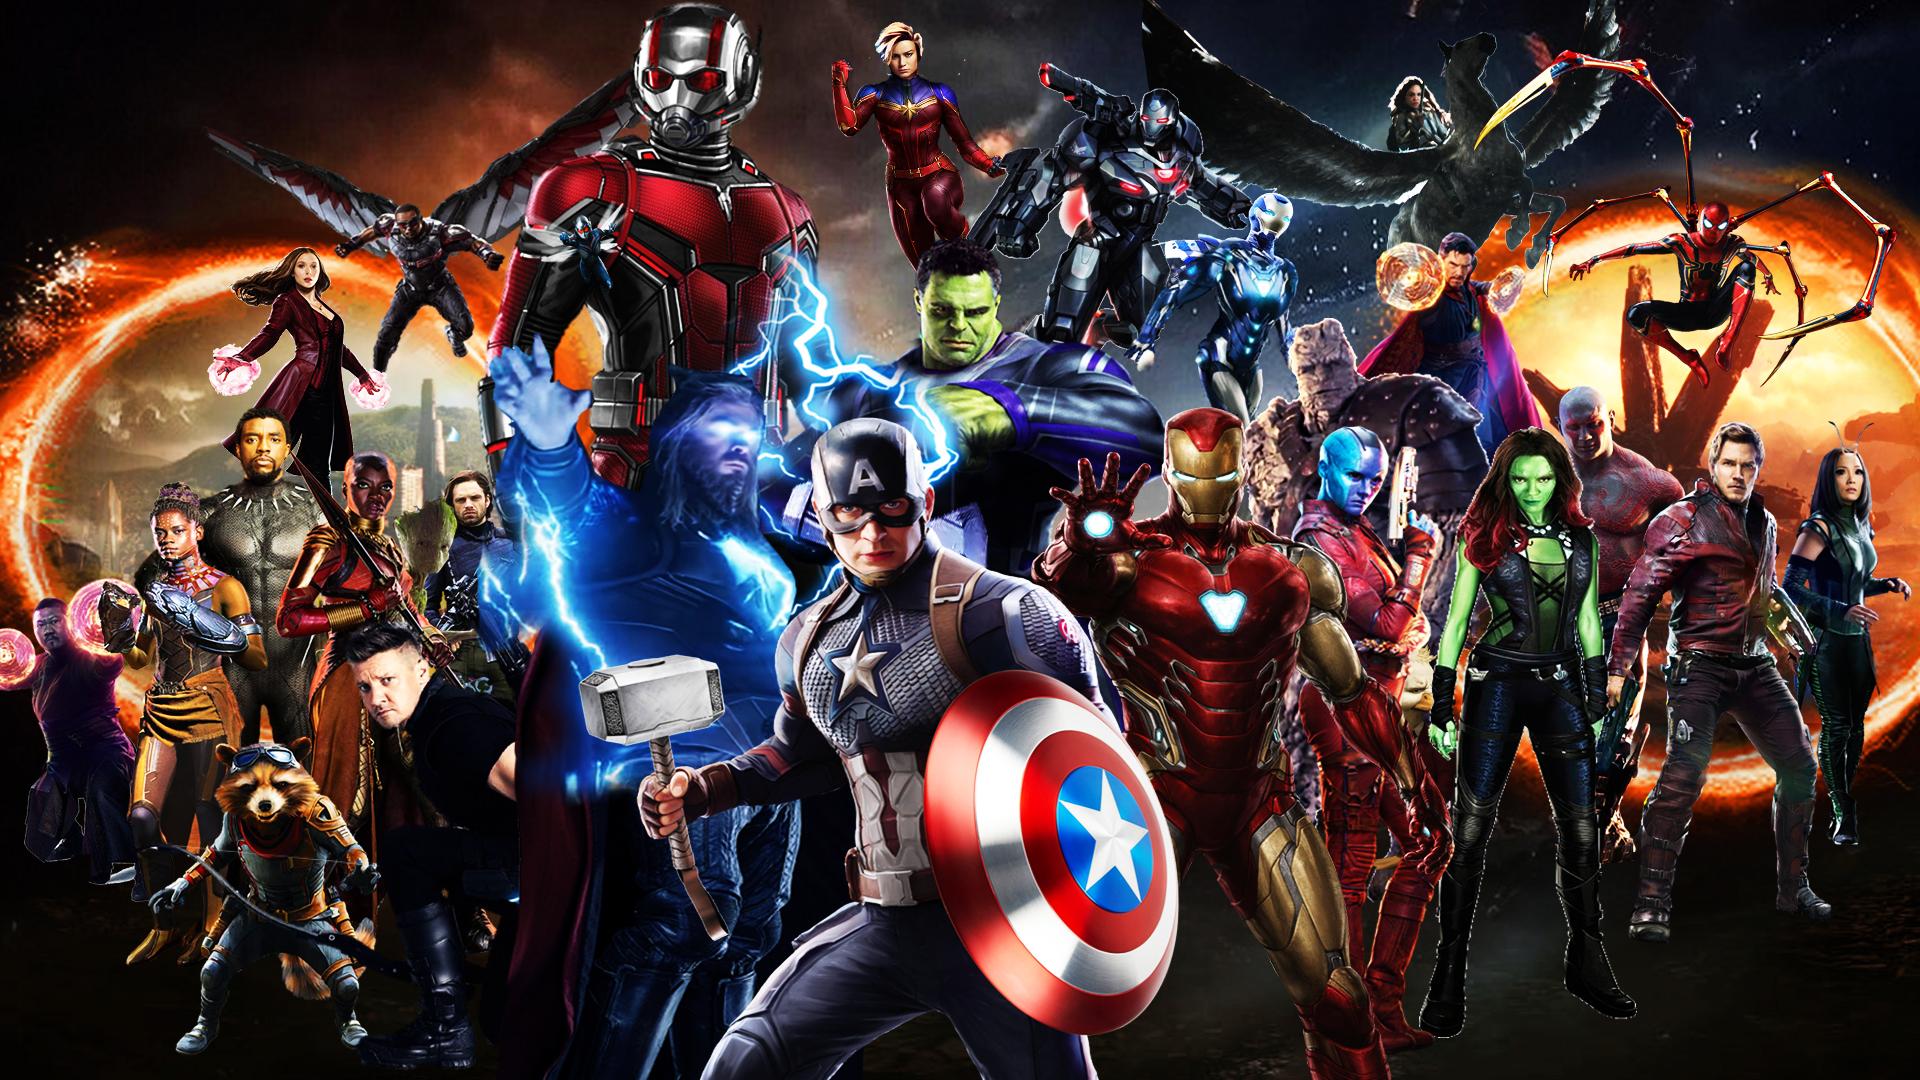 Avengers Endgame Wallpaper Desktop Posted By John Sellers